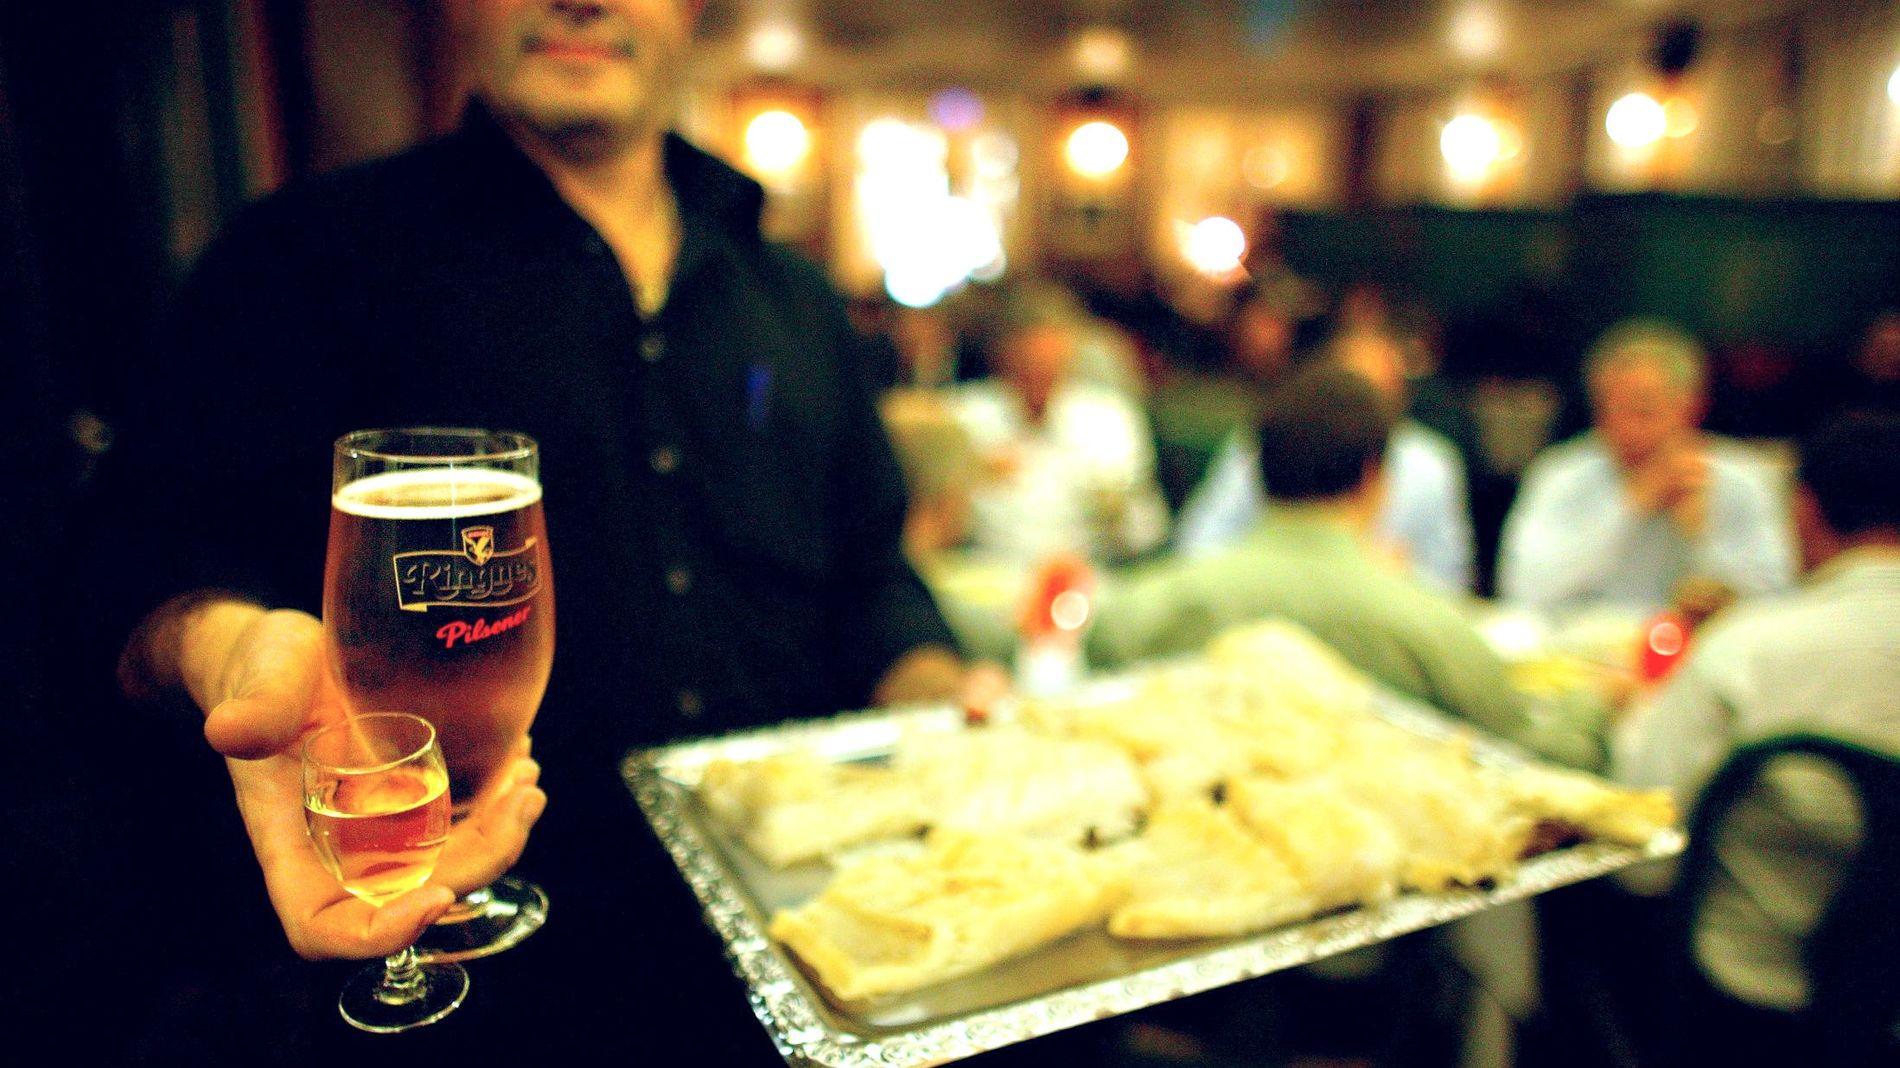 MER ARBEID: Julebordstiden er høysesong i blant annet restaurantbransjen, som trenger mange ekstra hender for å servere feststemte nordmenn.